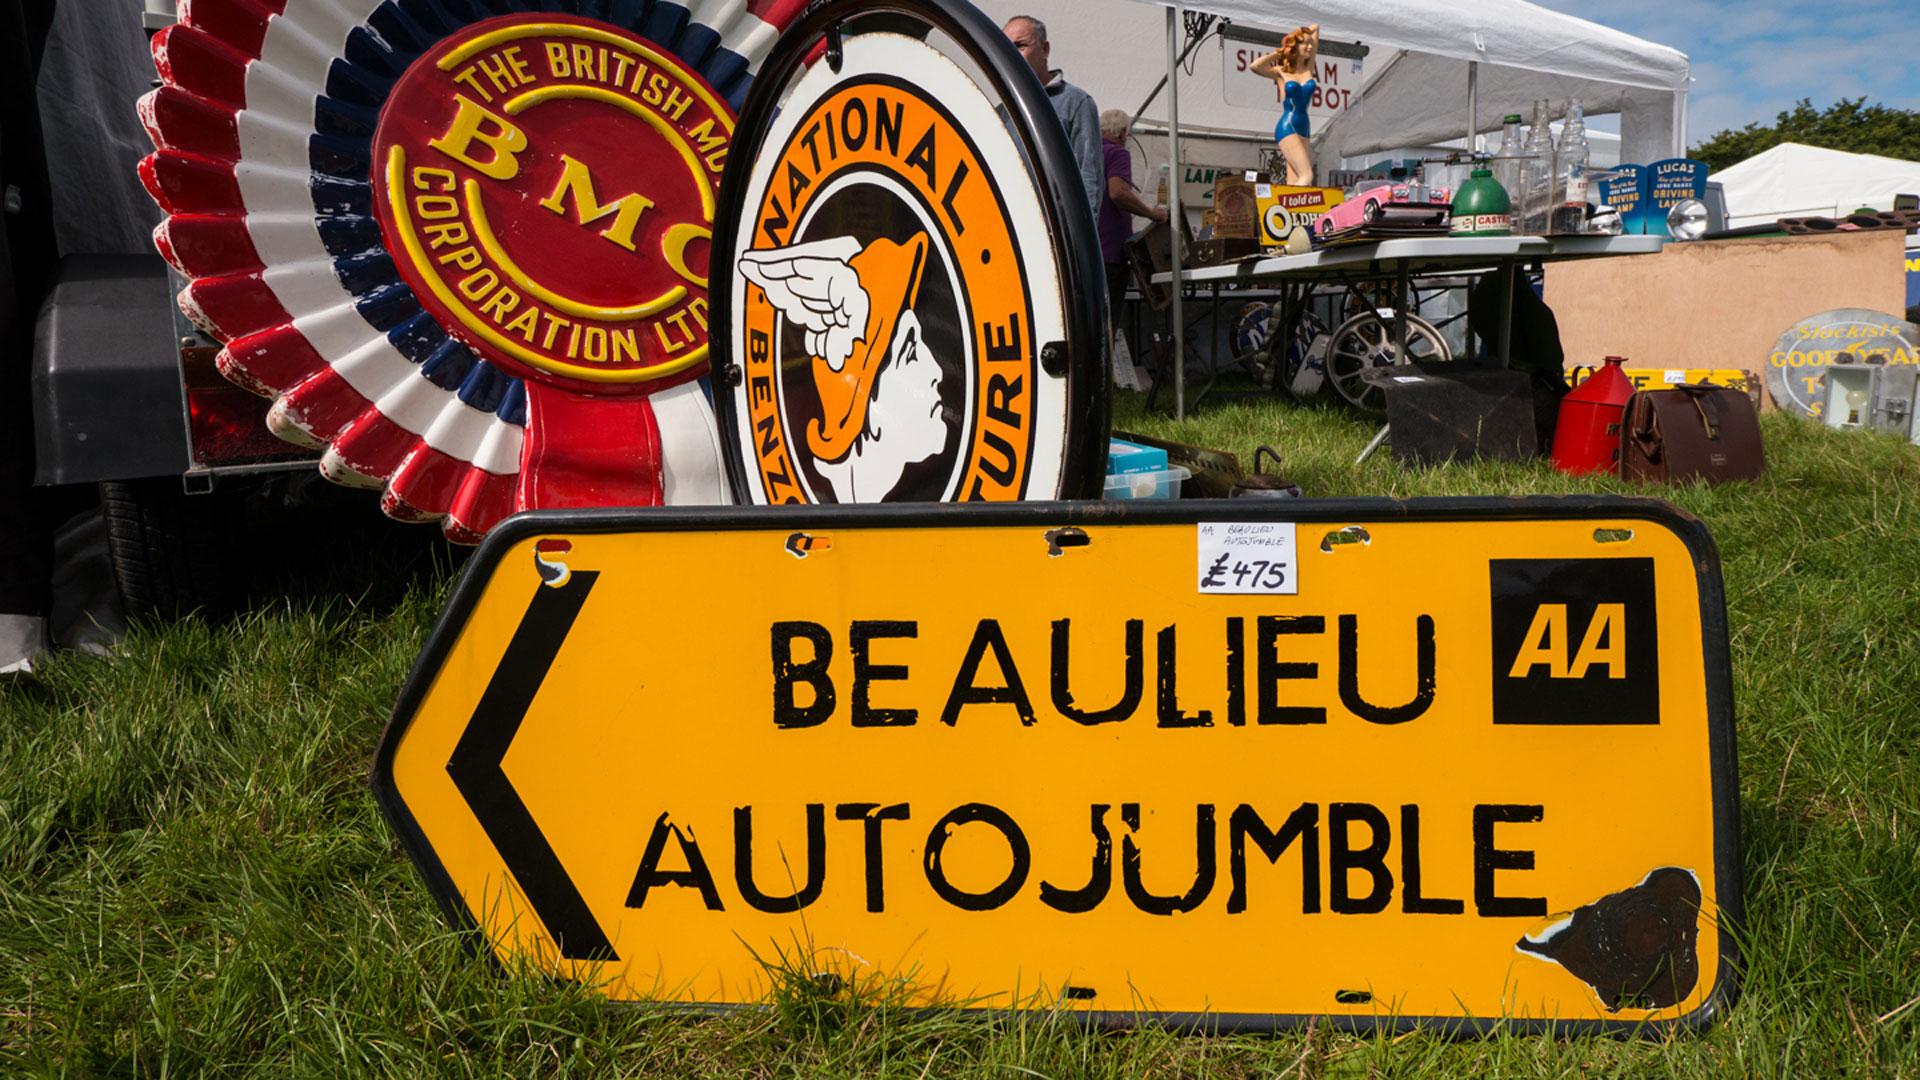 Beaulieu International Autojumble – 7-8 September